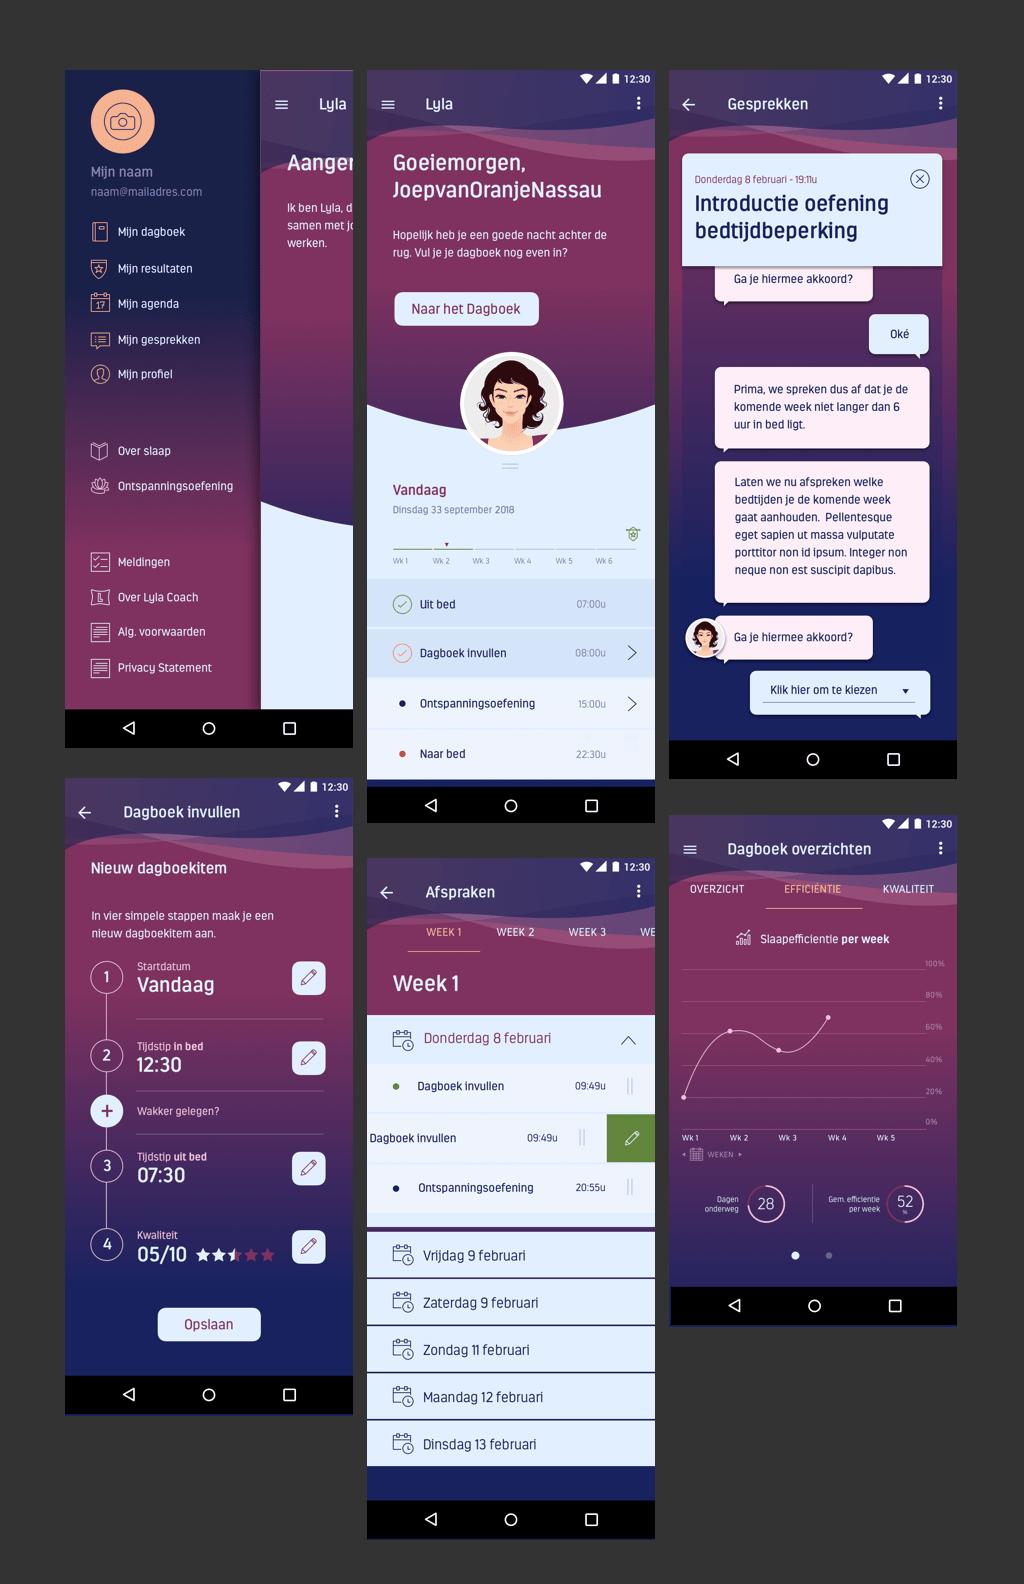 Afb 3 van 3 - Conversational UI Design voor Lyla Coach - Een app die met behulp van een Virtual Coach jouw slaapproblemen aanpakt en oplossingen aandraagt - User Experience Design (UX) en User Interface Design (UI)